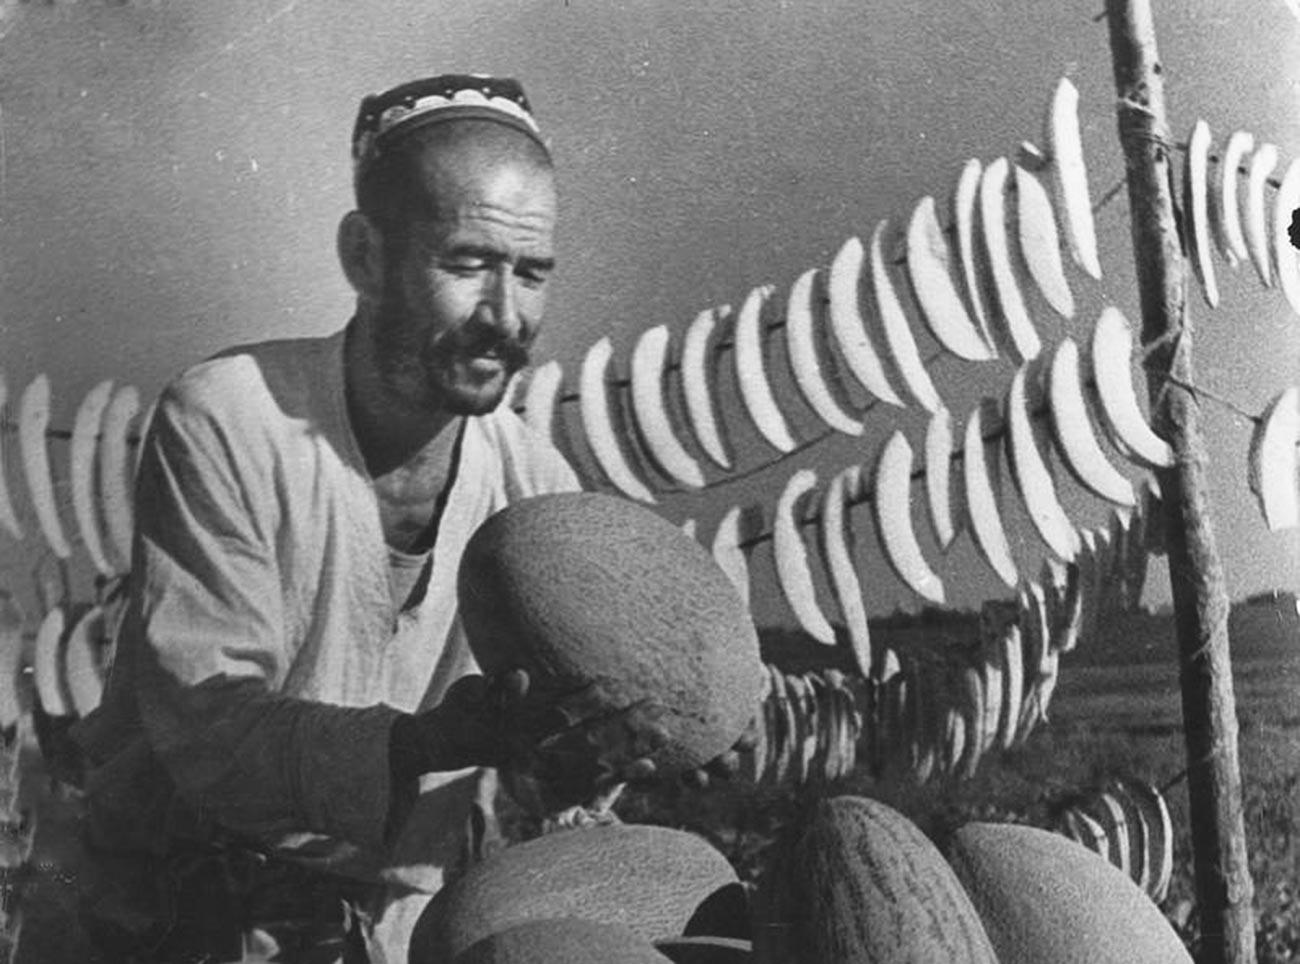 Търговец на пъпеши, Узбекски ССР, 1930-те